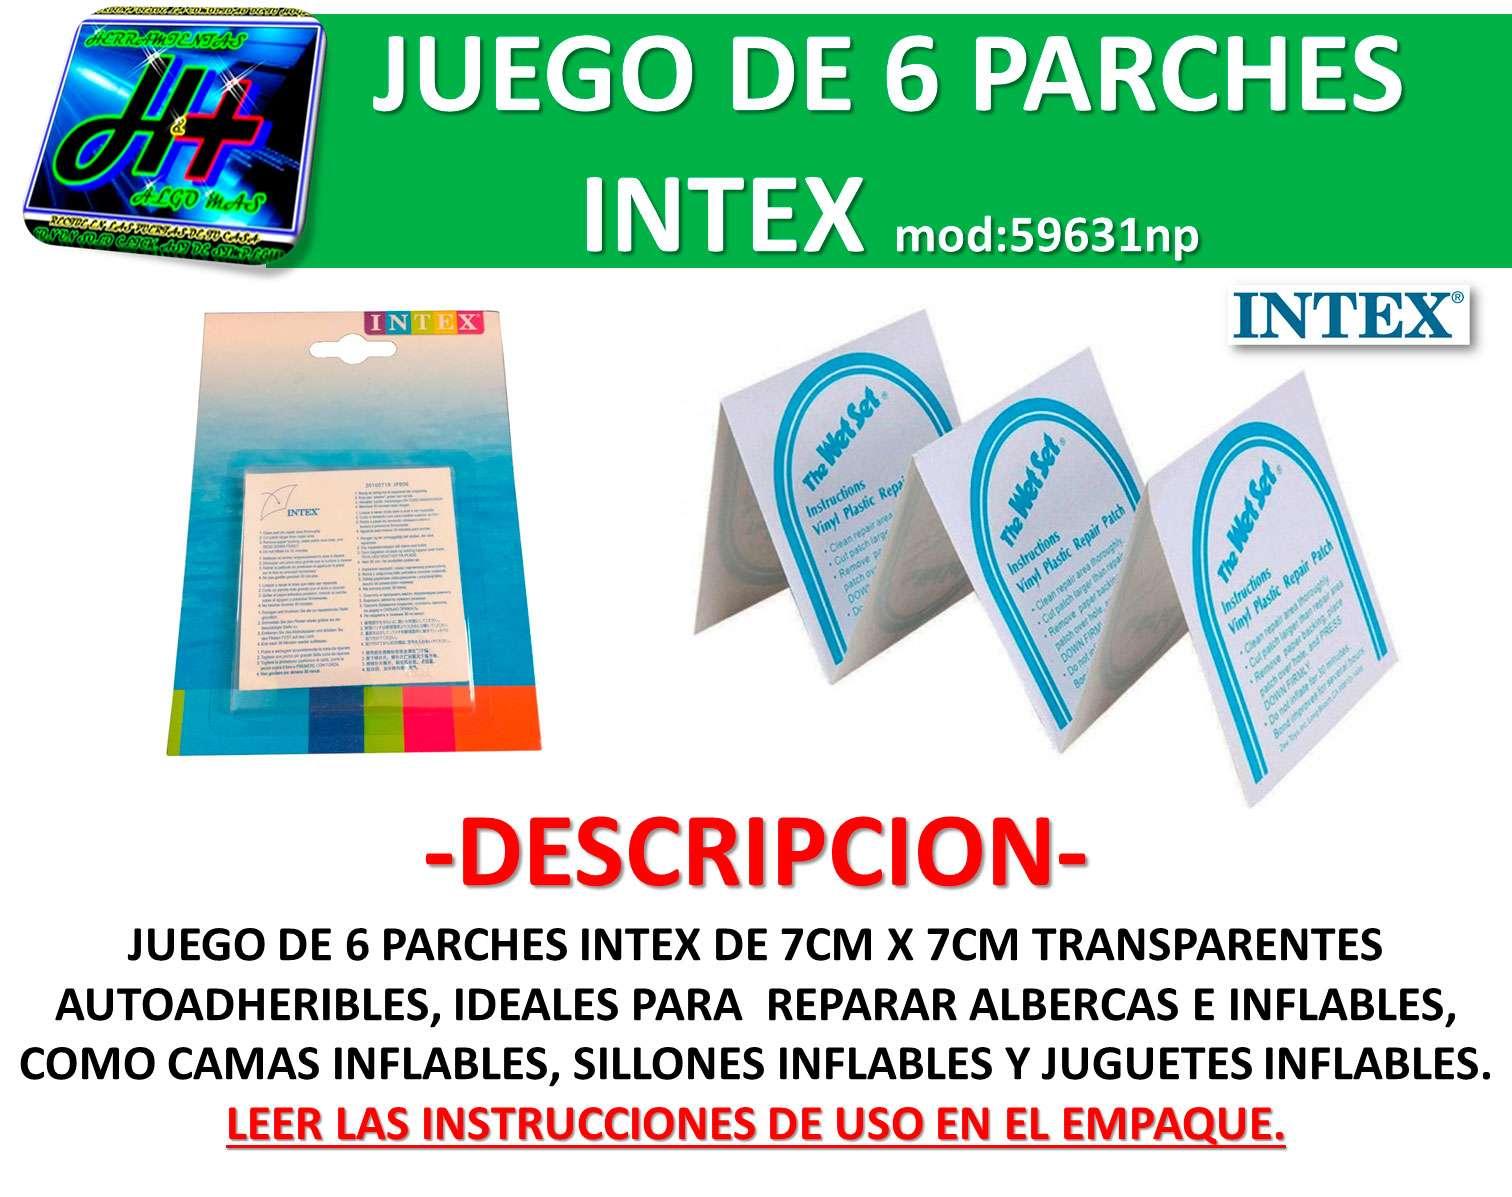 Parches reparar inflables y albercas intex 59631np bestway for Albercas inflables intex precios